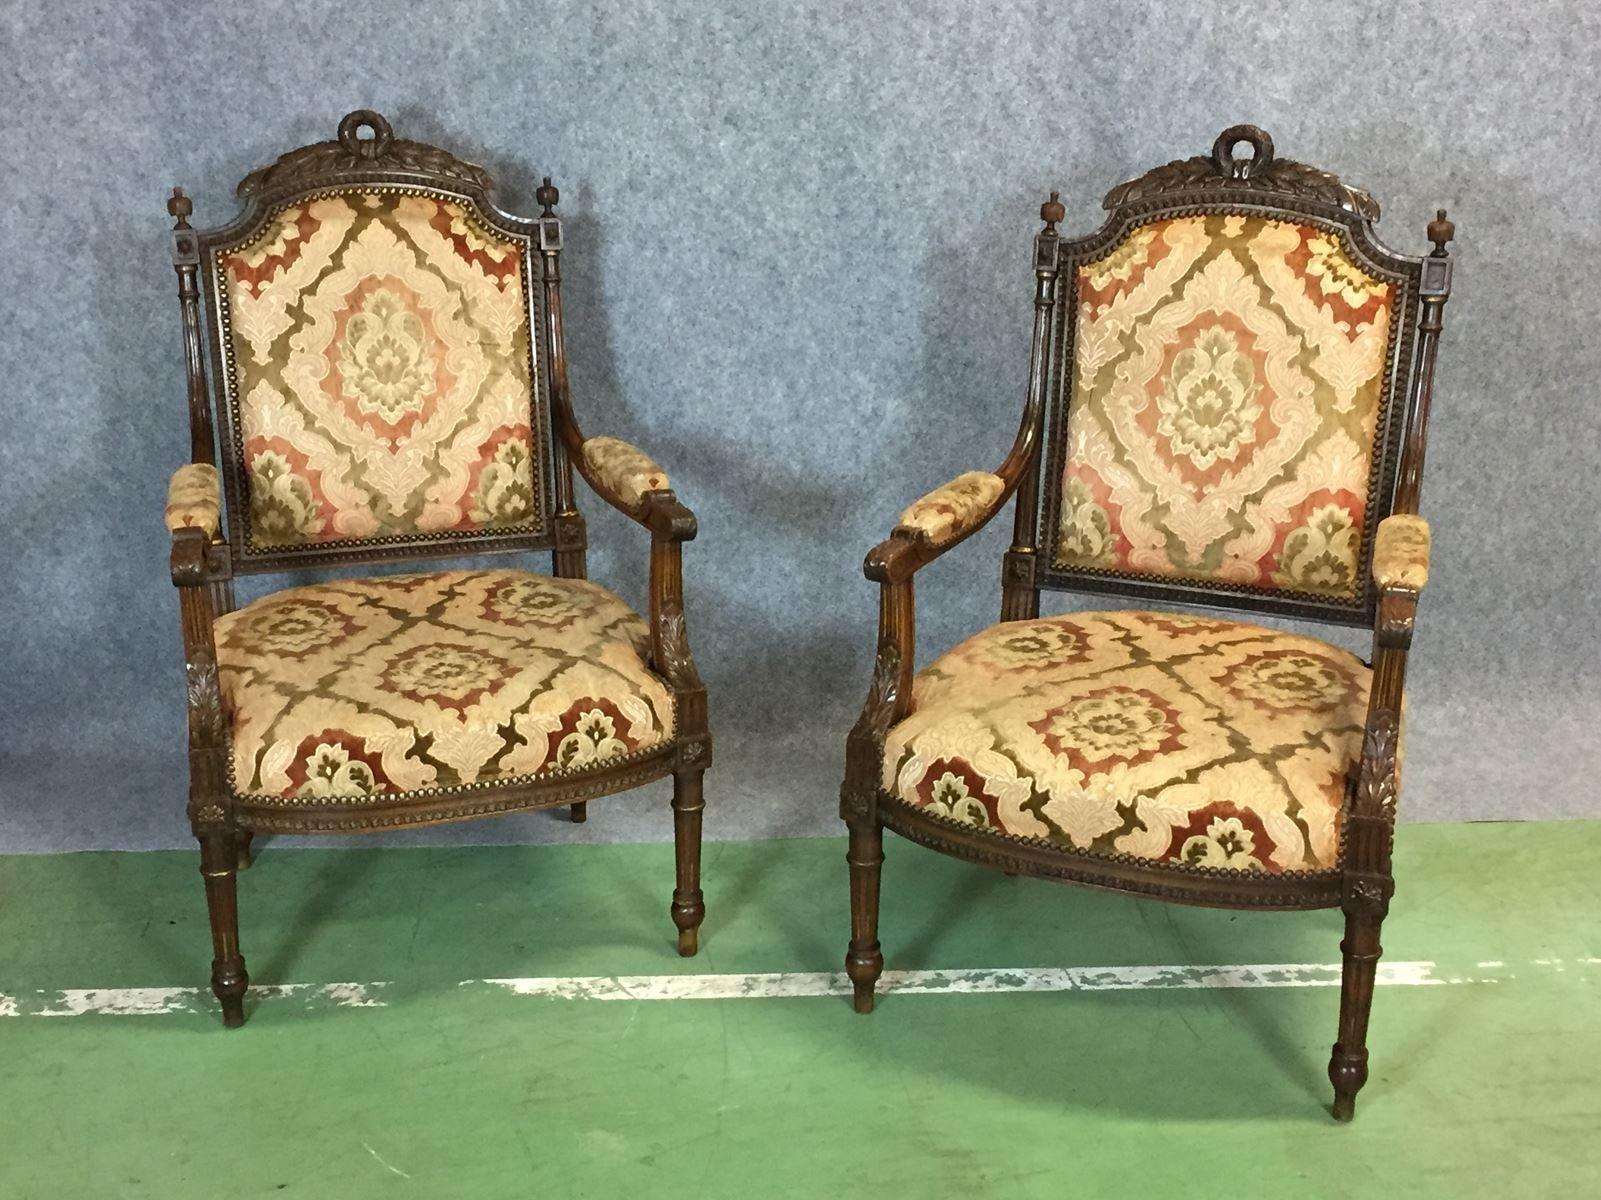 mobilier de salon style louis xvi vintage en vente sur pamono. Black Bedroom Furniture Sets. Home Design Ideas